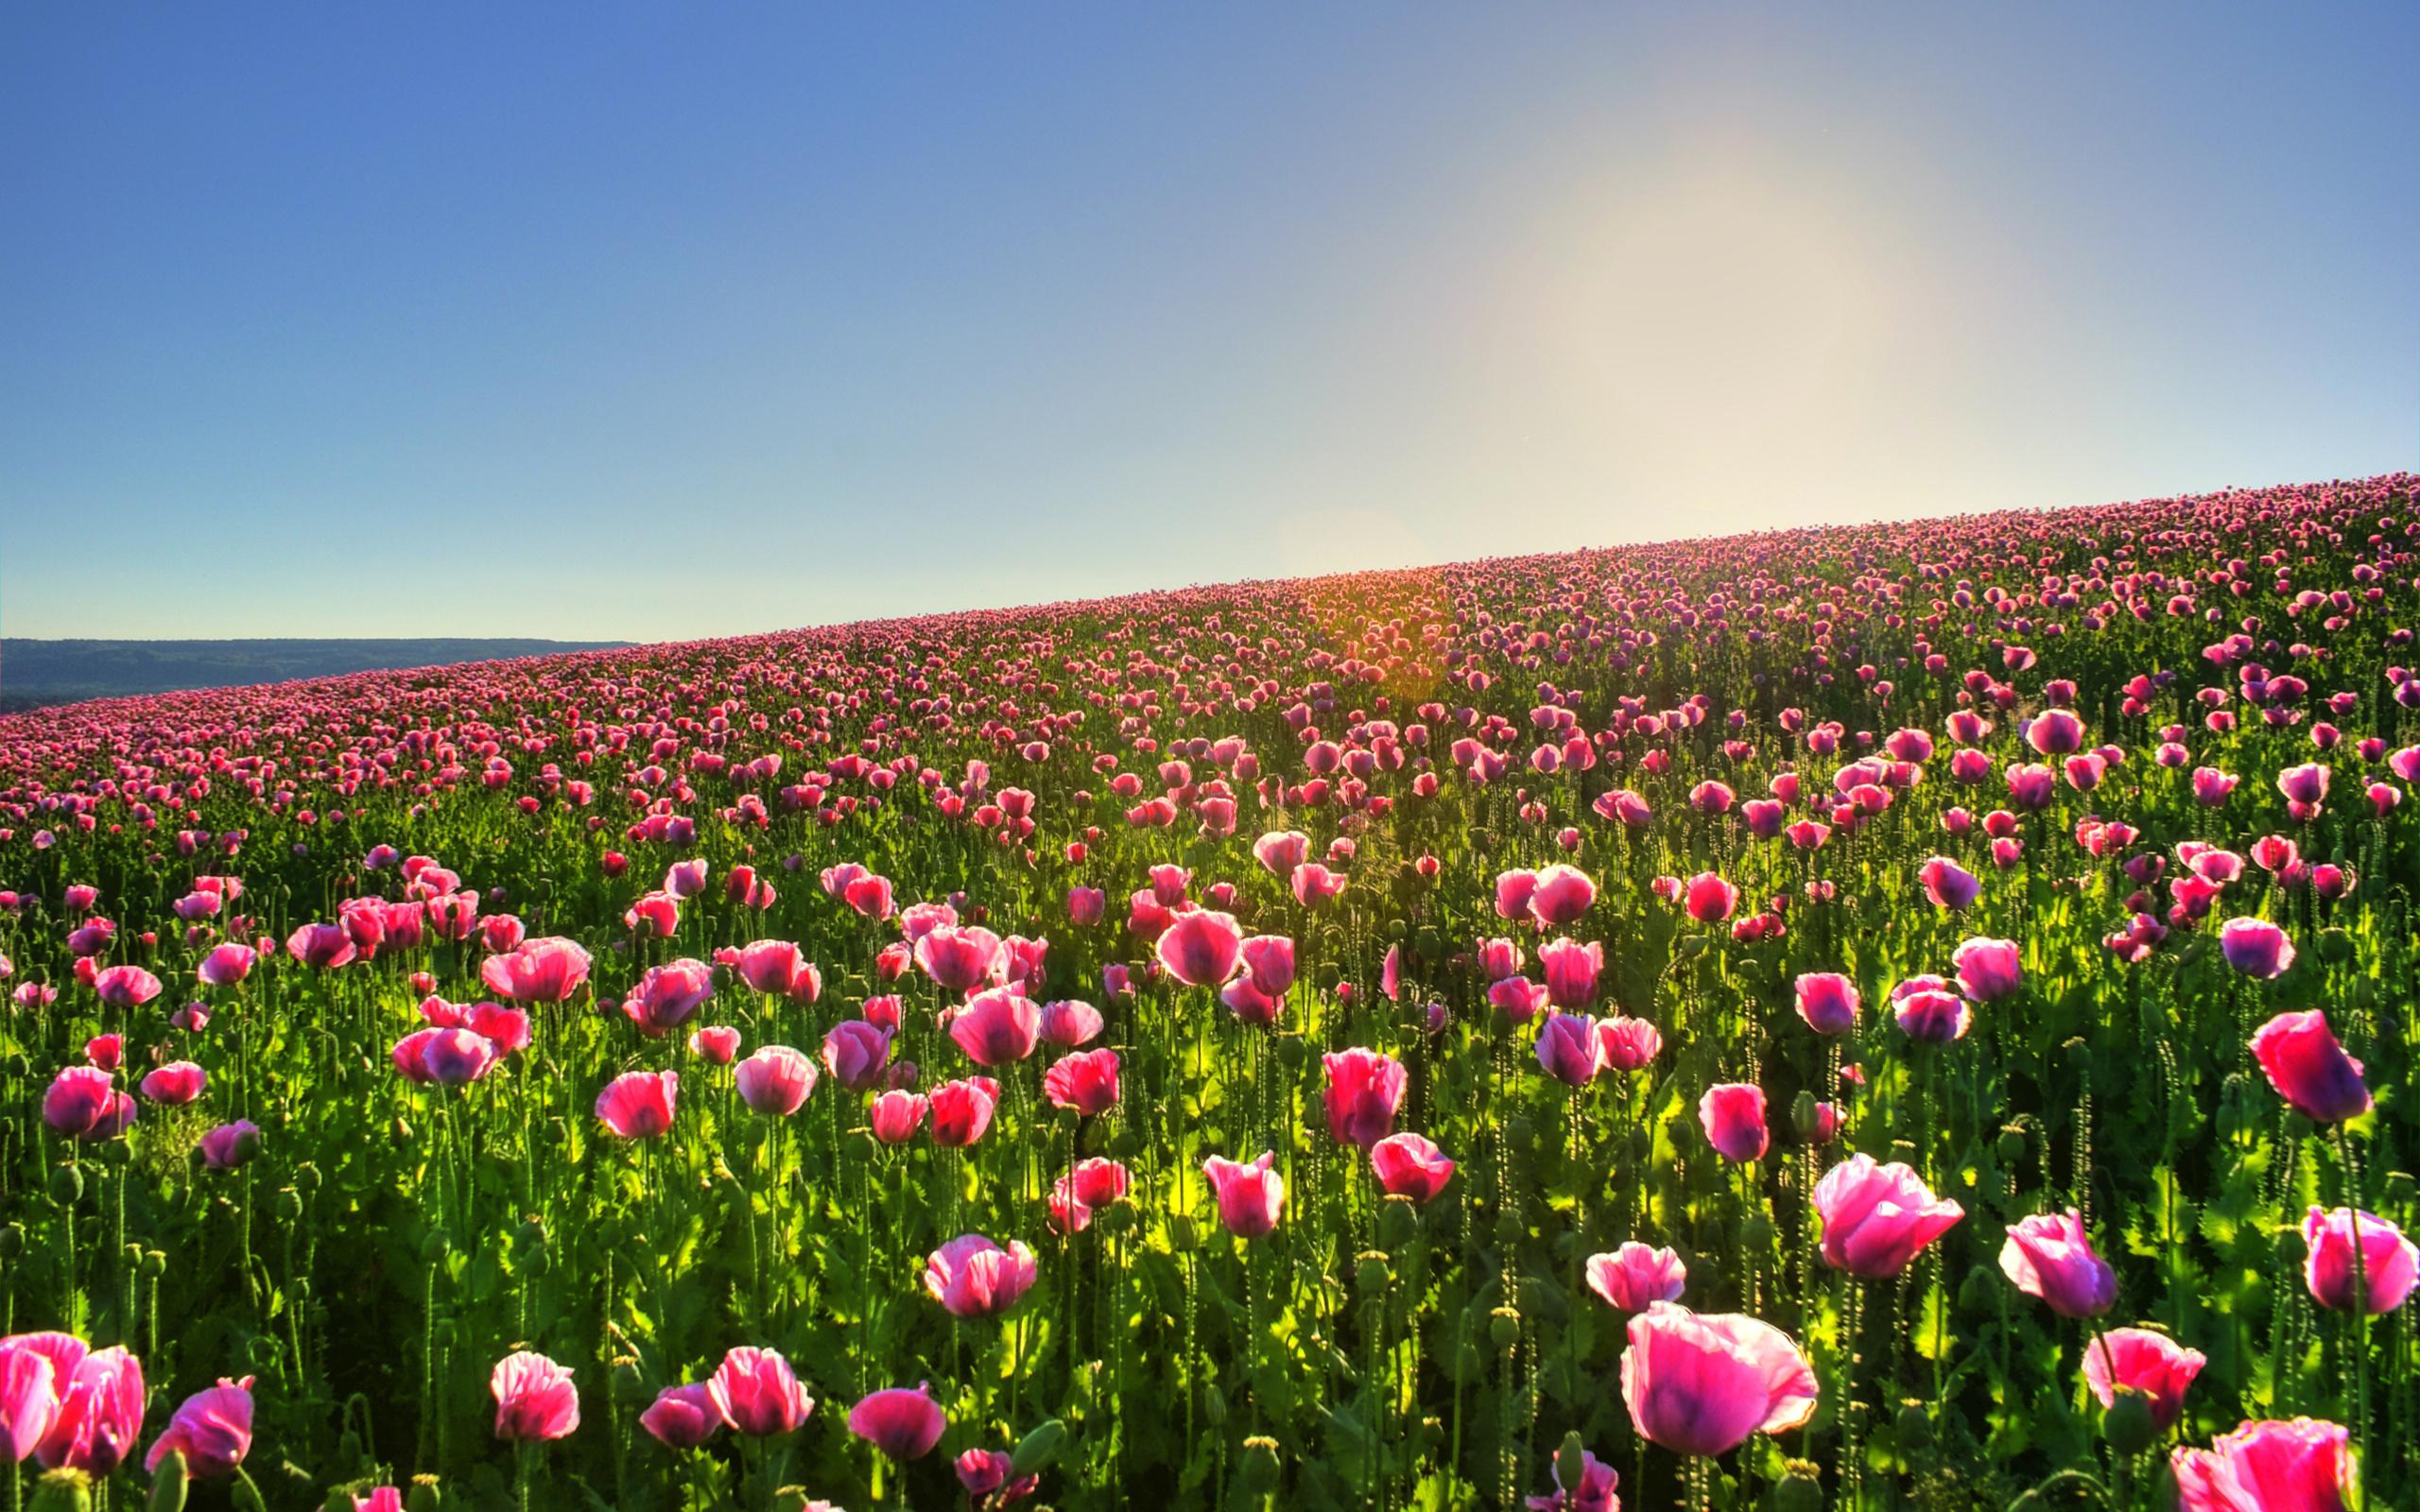 цветы, фото, обои, природа, поле, солнце, красивые картинки